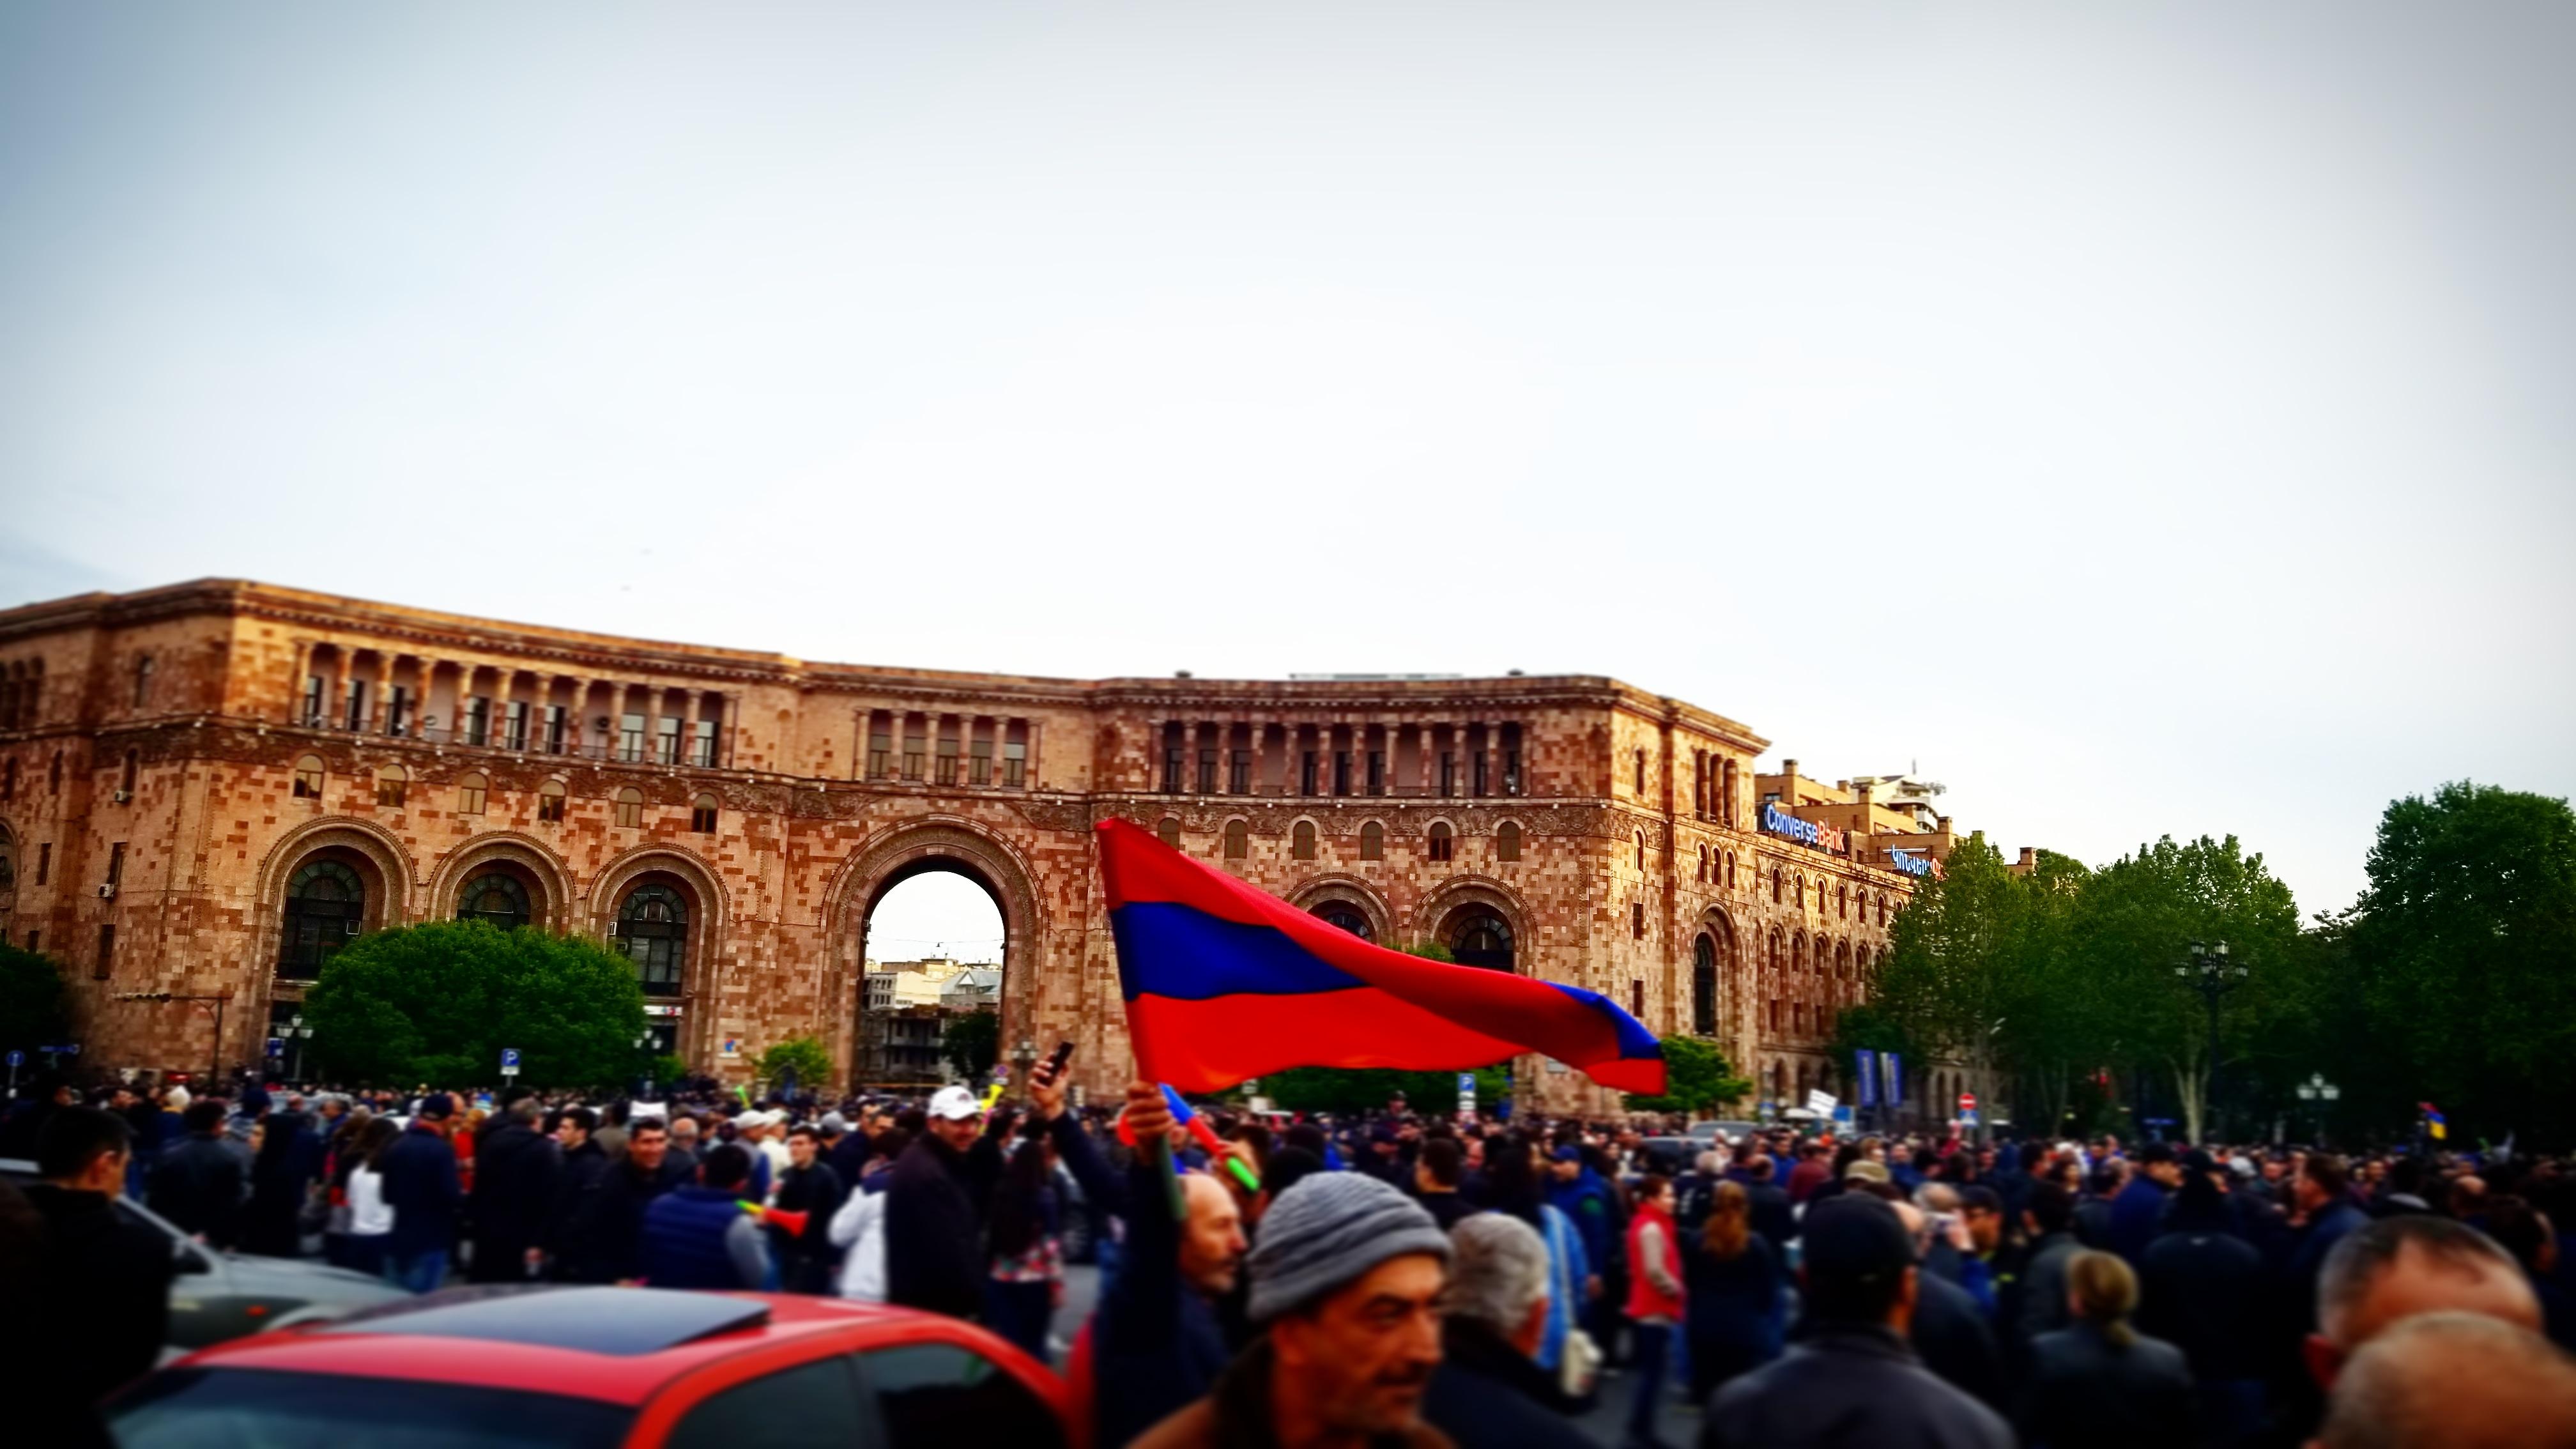 Լուսանկարը՝ Անահիտ Բաղշեցյանի